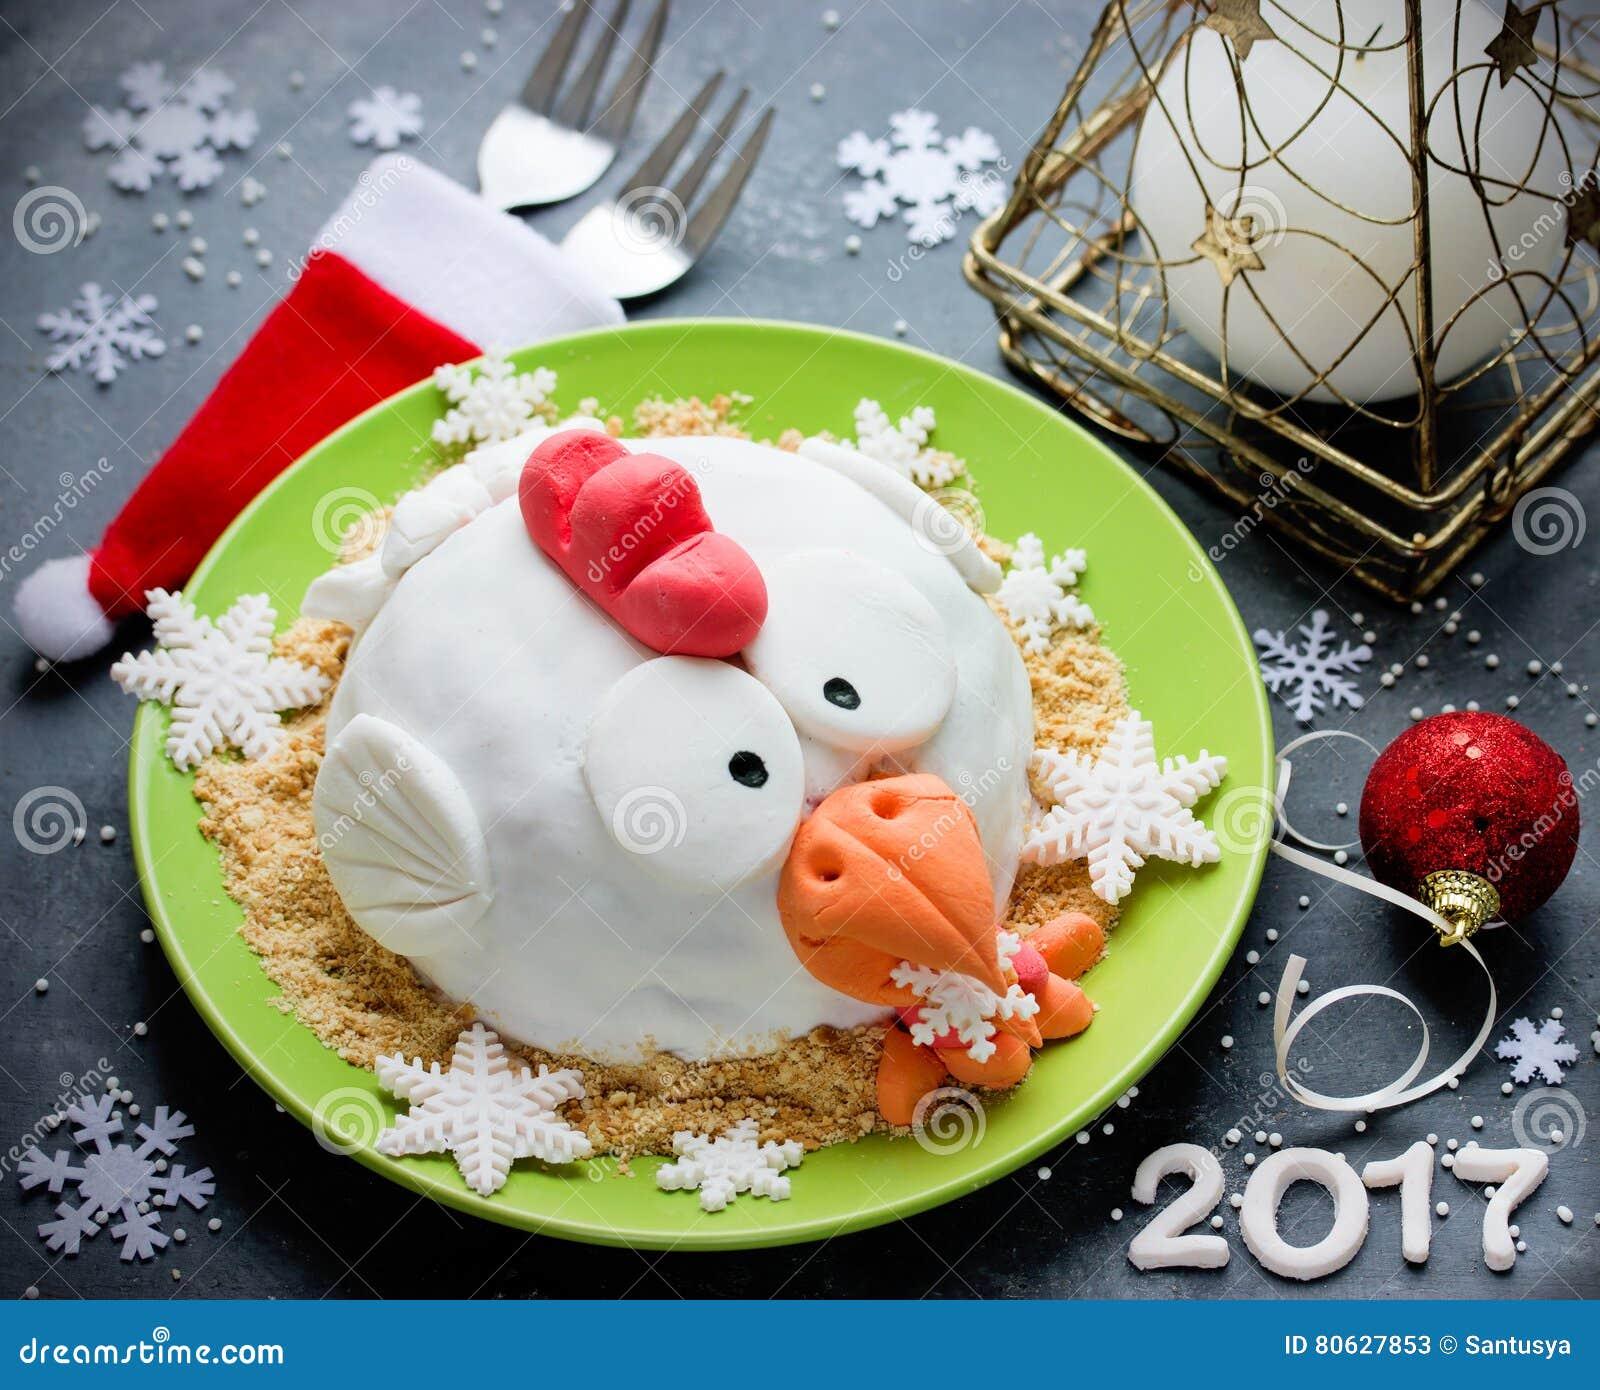 rooster cake cake hen cake chicken cake bird cake fe stock